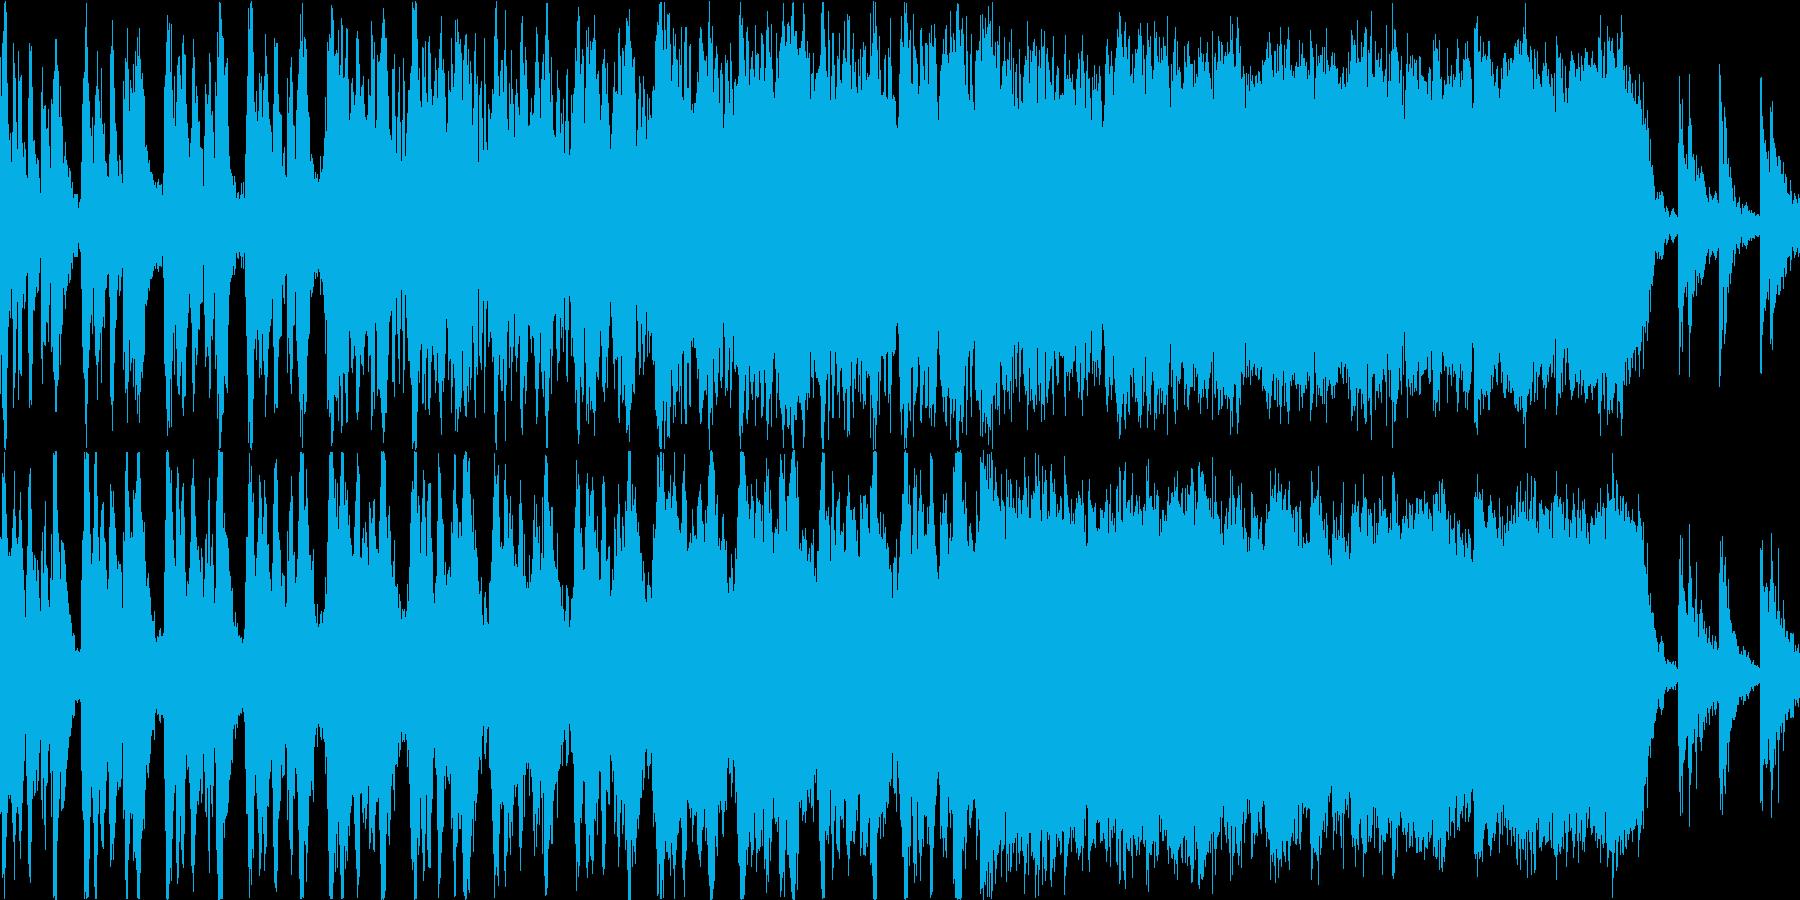 ハリウッド系トレーラーのBGMの再生済みの波形